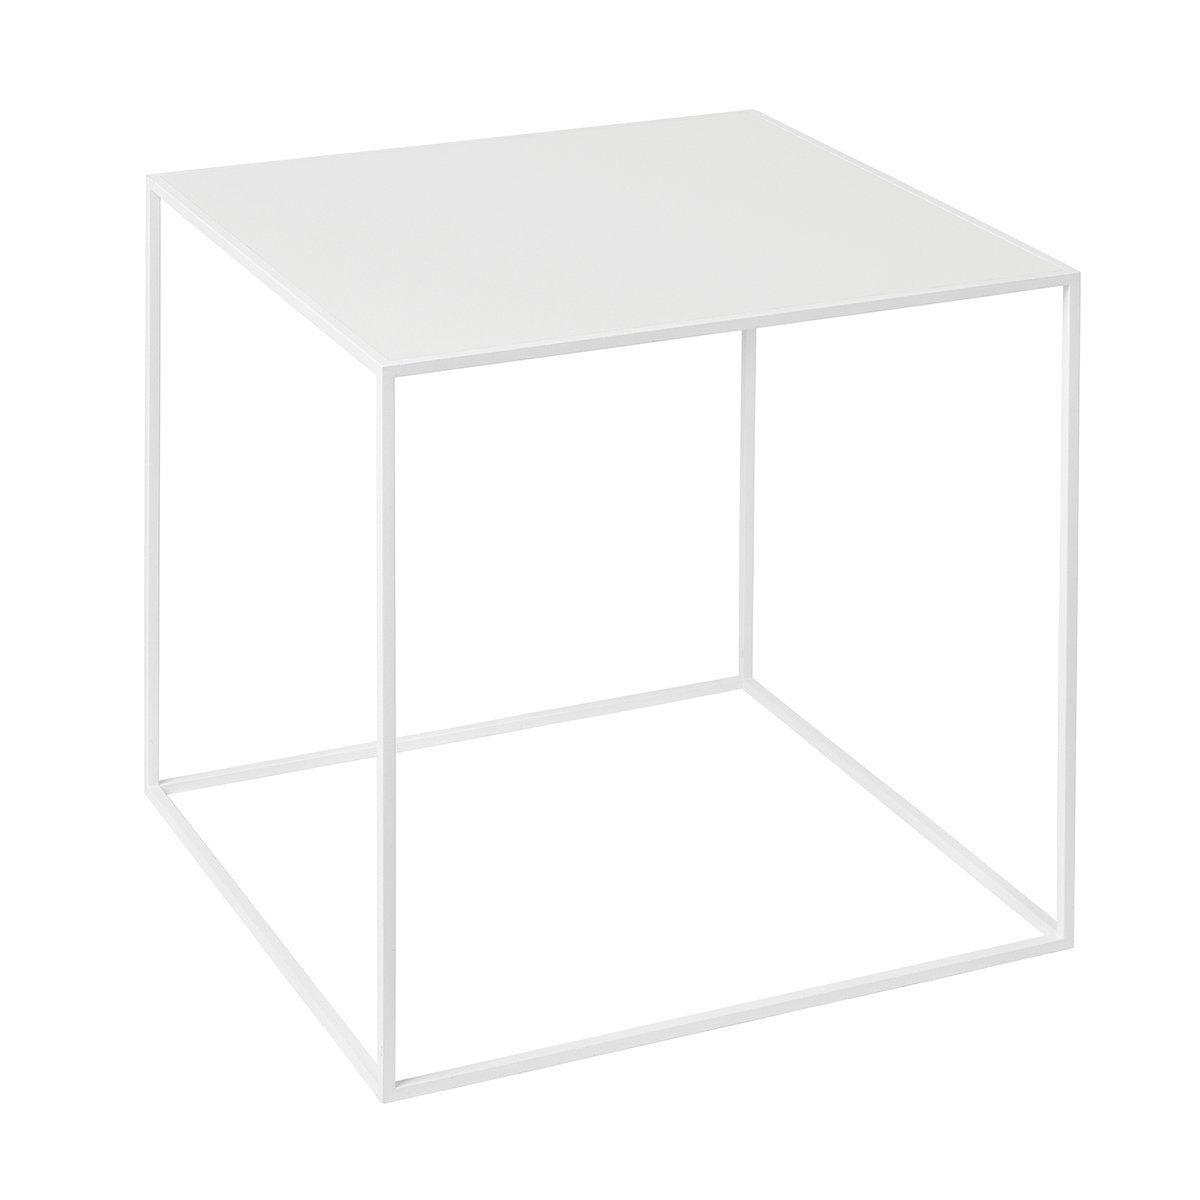 By Lassen Twin 35 sohvapöytä valkoinen, valkoinen/tammi